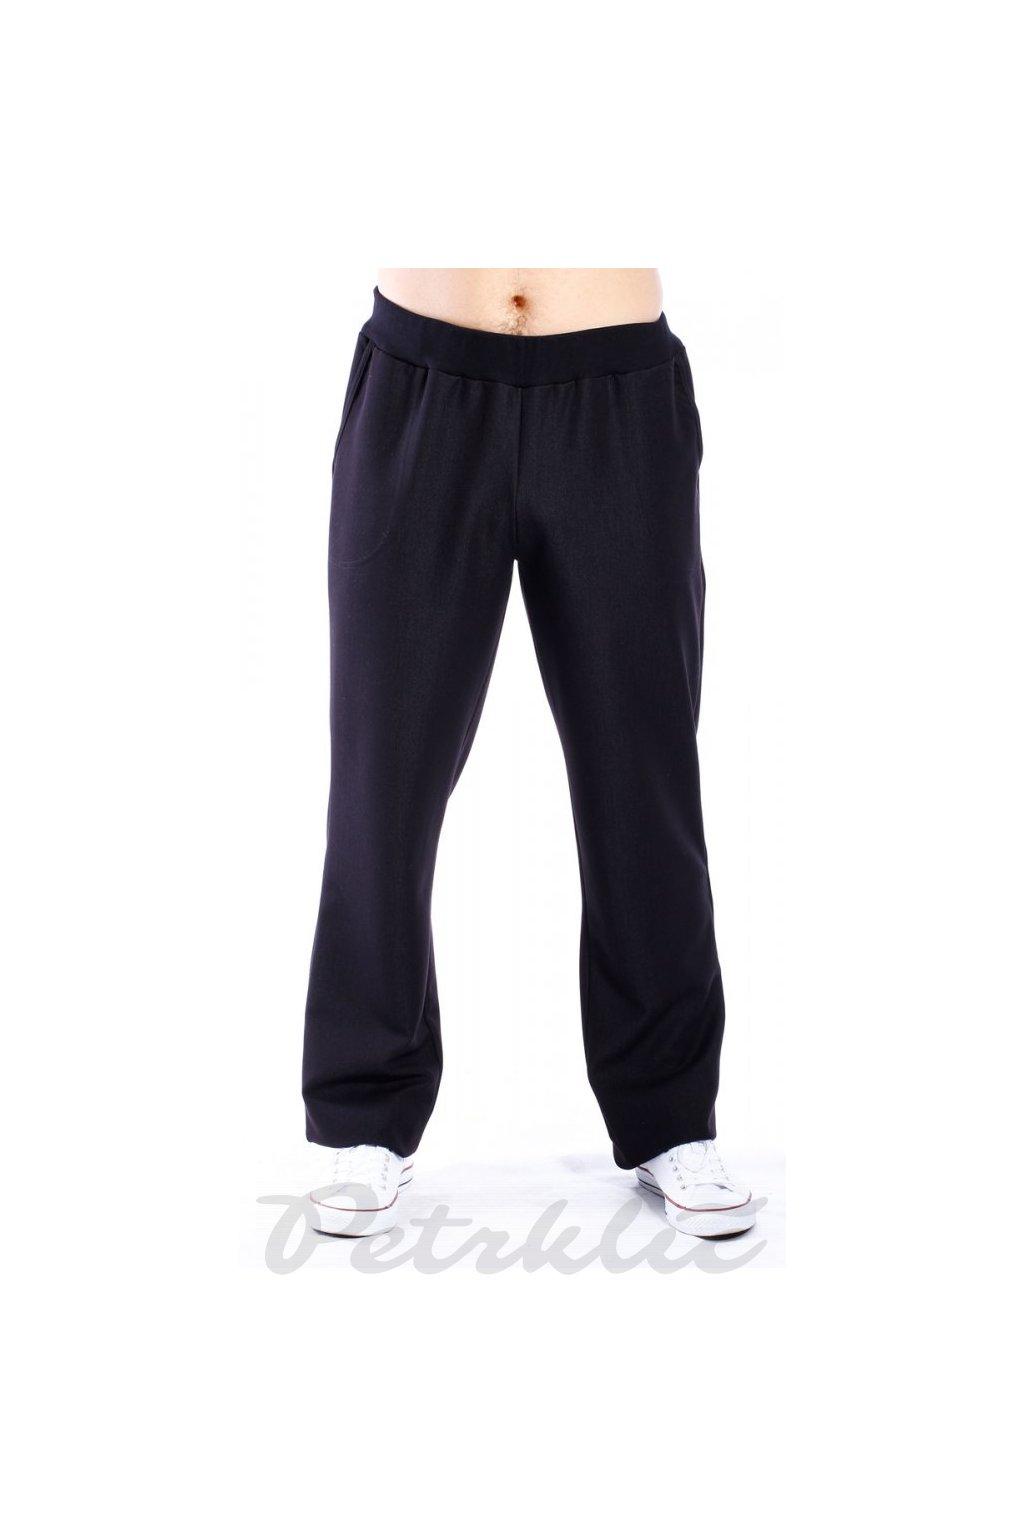 Pánské softshellové kalhoty – pas do úpletu s gumou